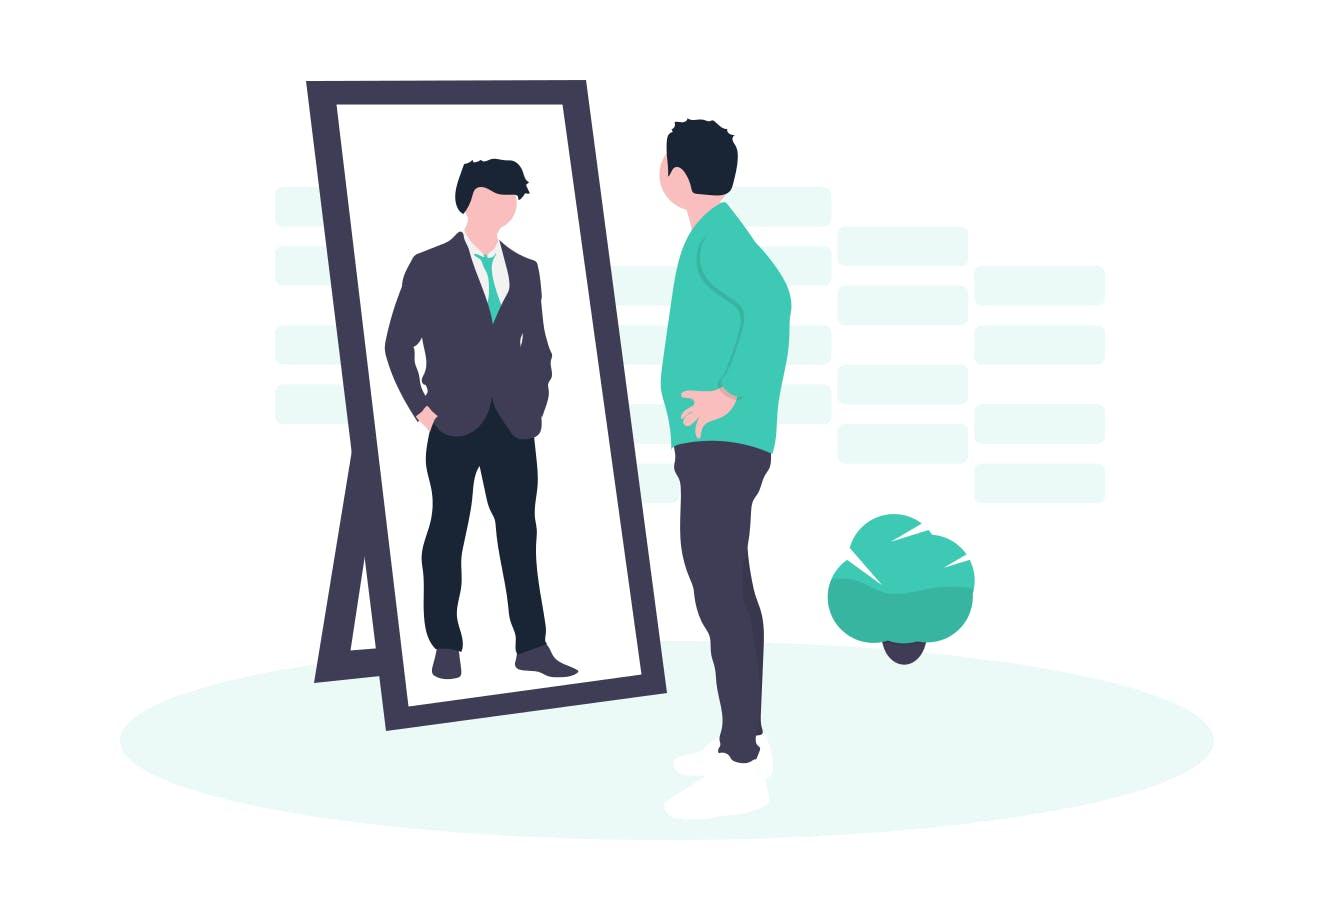 Mann sieht sich selbst im Spiegel. Das Spiegelbild strahlt Erfolg und eine erfolgreiche Karriere aus.